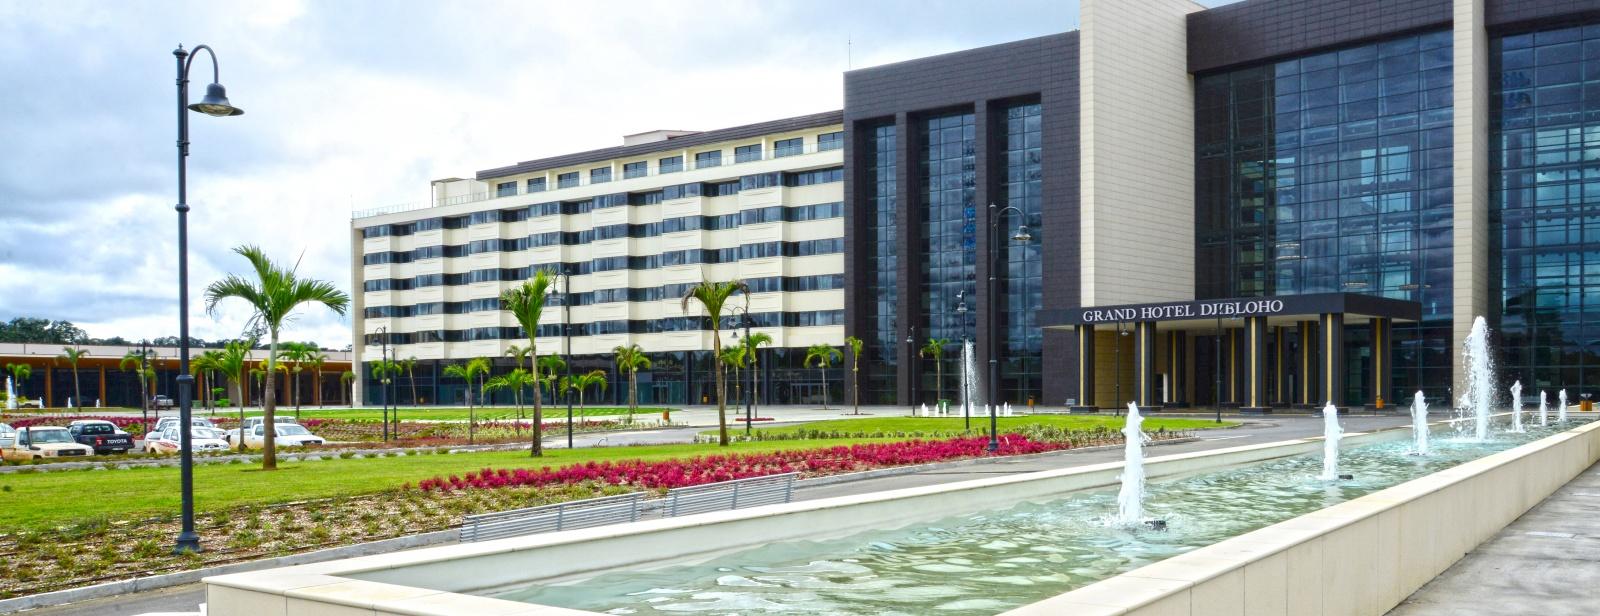 Porto Sant'Elpidio, in fuga verso il 2018, viaggio in Guinea Equatoriale al Grand Hotel Djibloho